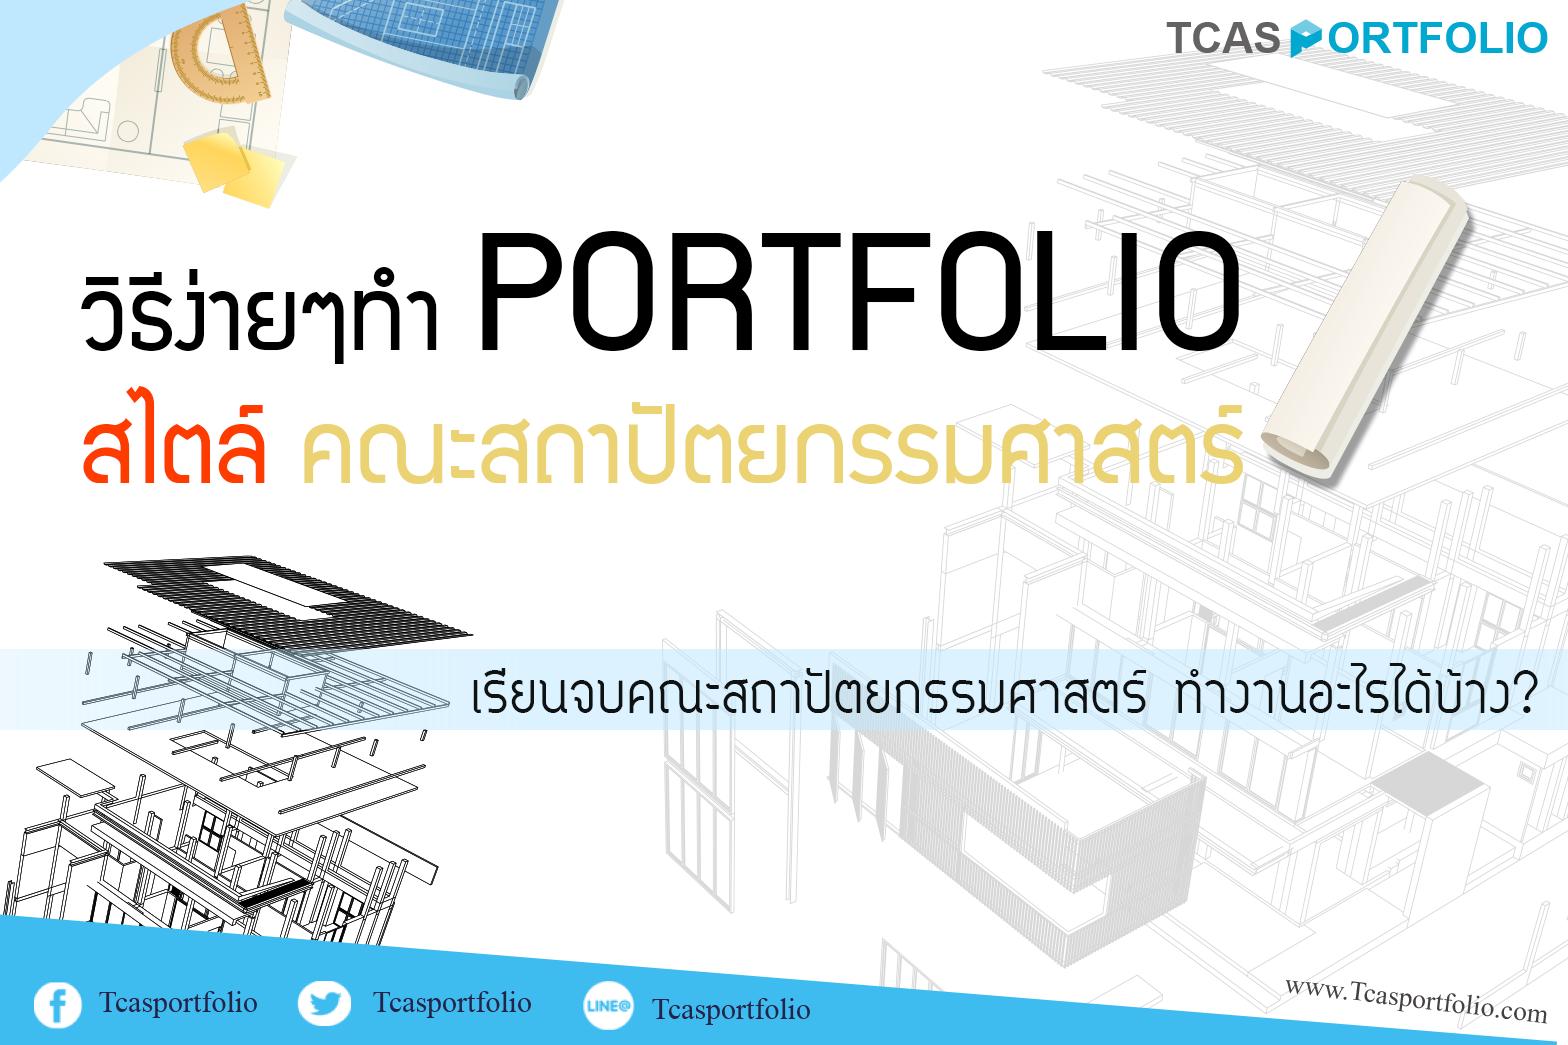 วิธีง่ายๆทำPORTFOLIO สไตล์ คณะสถาปัตยกรรมศาสตร์ , portfolio สถาปัตย์,ตัวอย่างพอร์ต สถาปัตย์